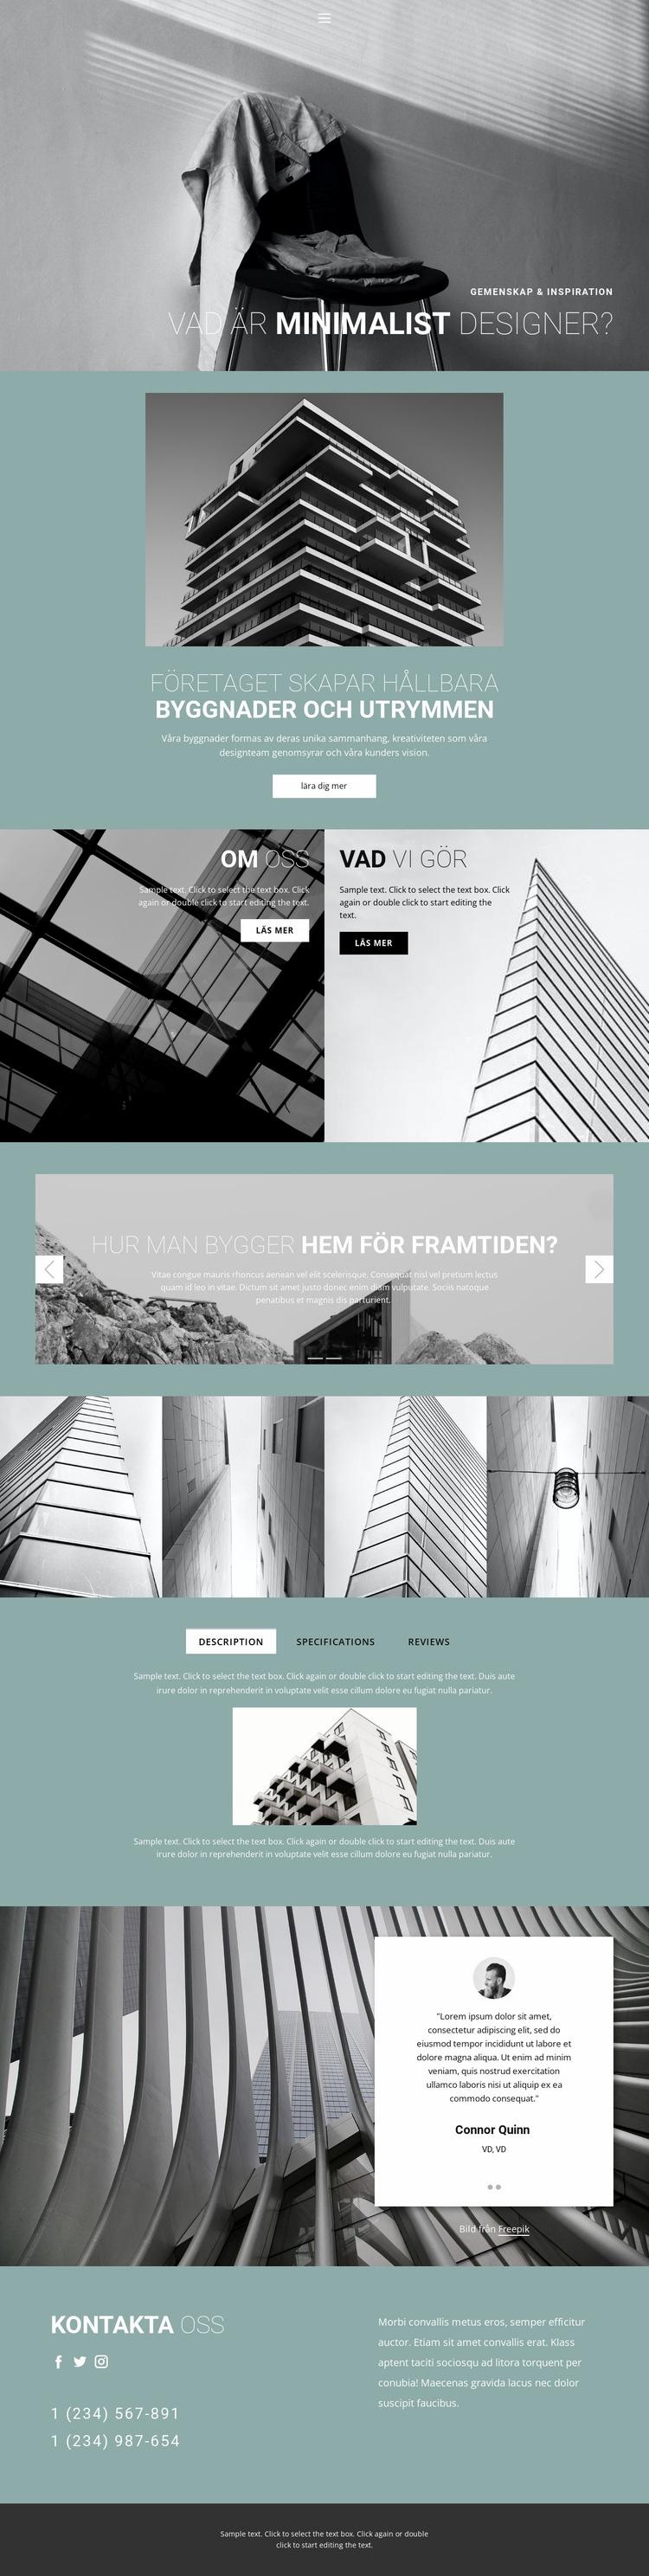 Perfekta arkitekturidéer Webbplats mall